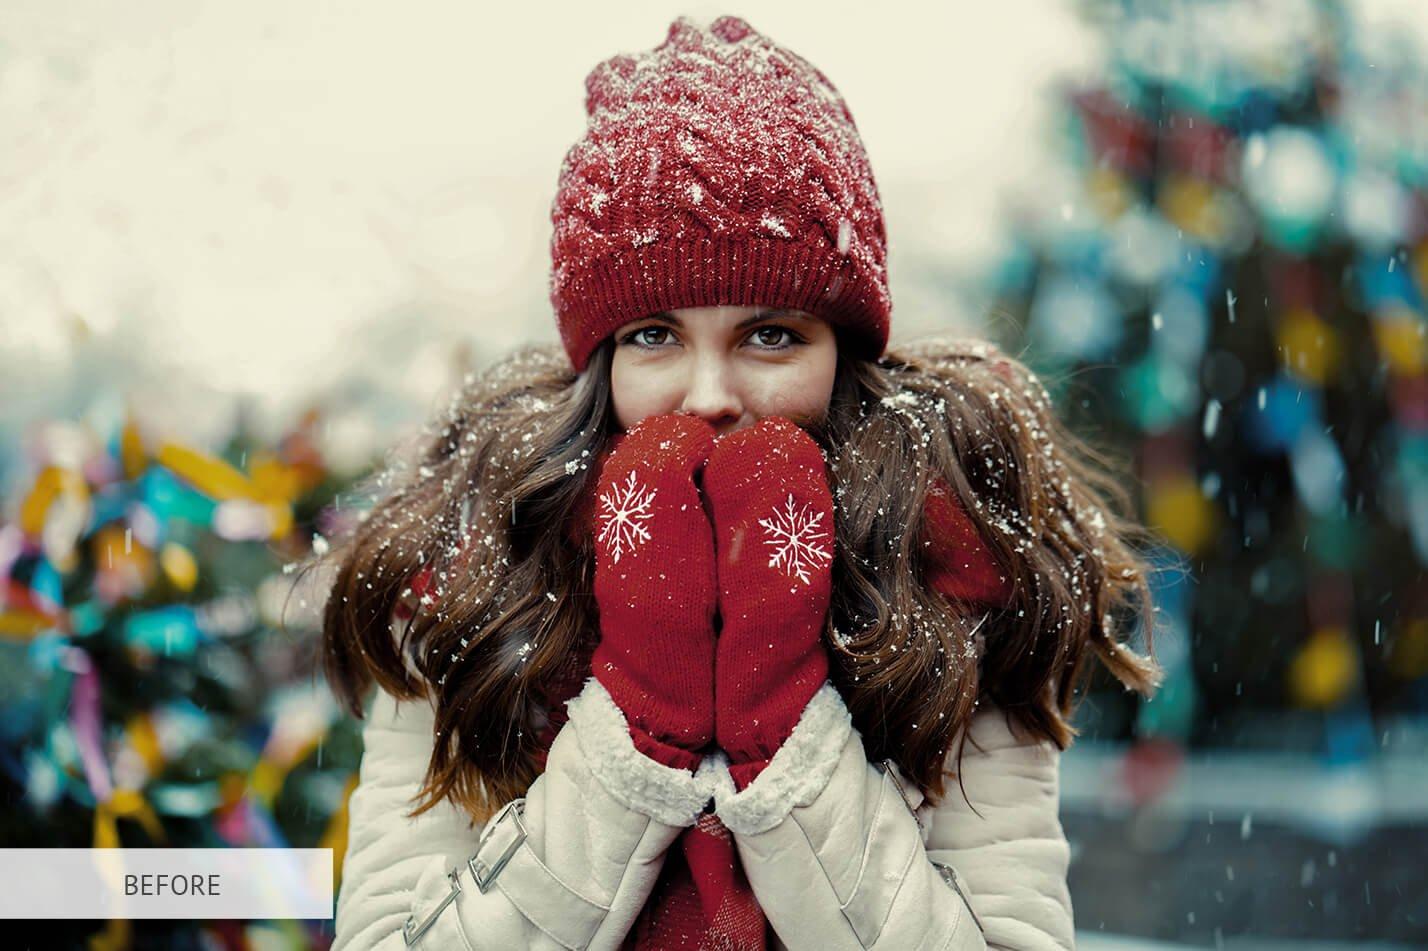 30款高清冬季冰雪PS叠加层背景图片素材 Ice Photoshop Overlays插图(7)